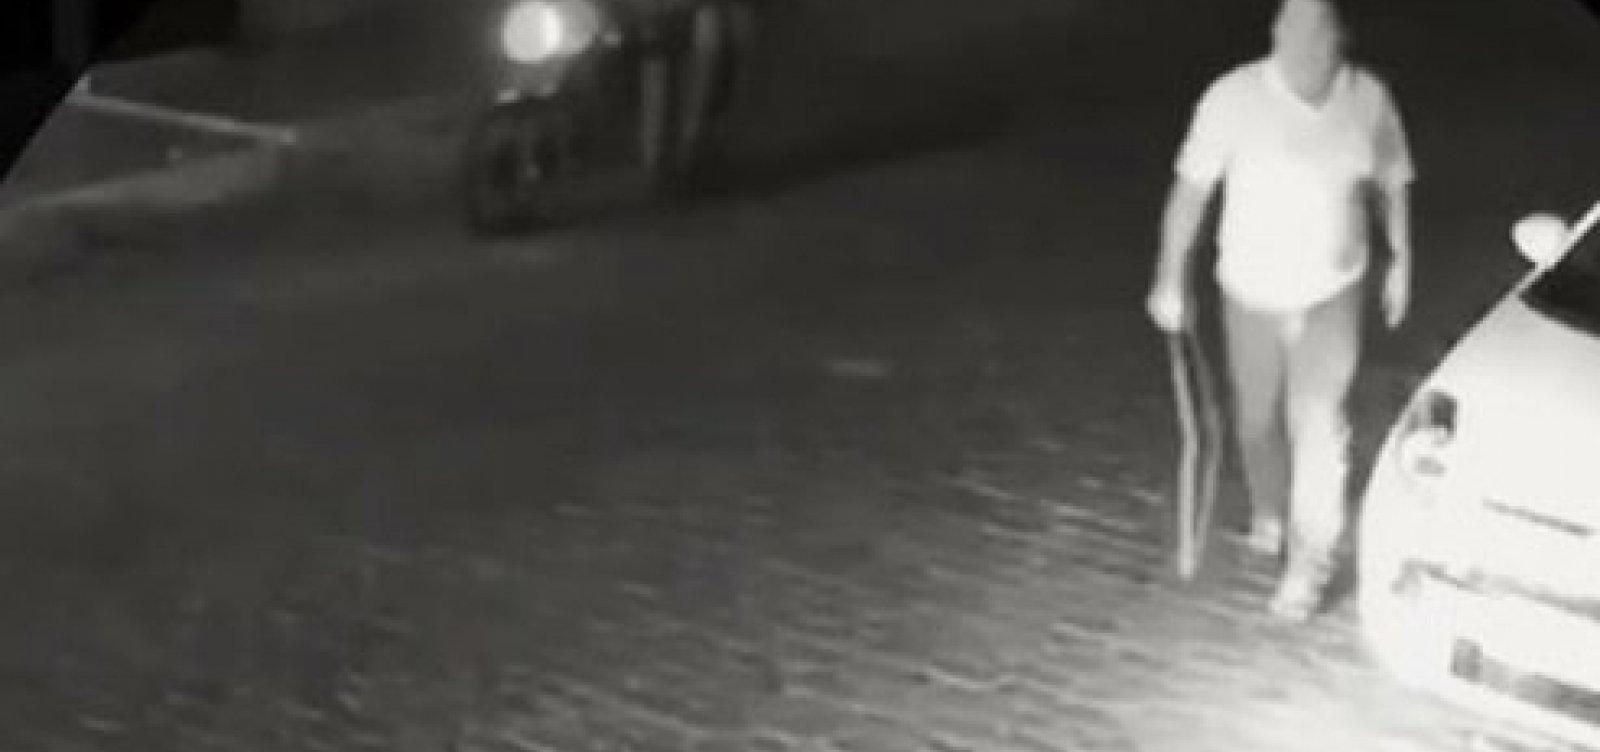 Prefeito de Barra do Mendes usa cinto para agredir moradores que protestavam na frente da casa dele